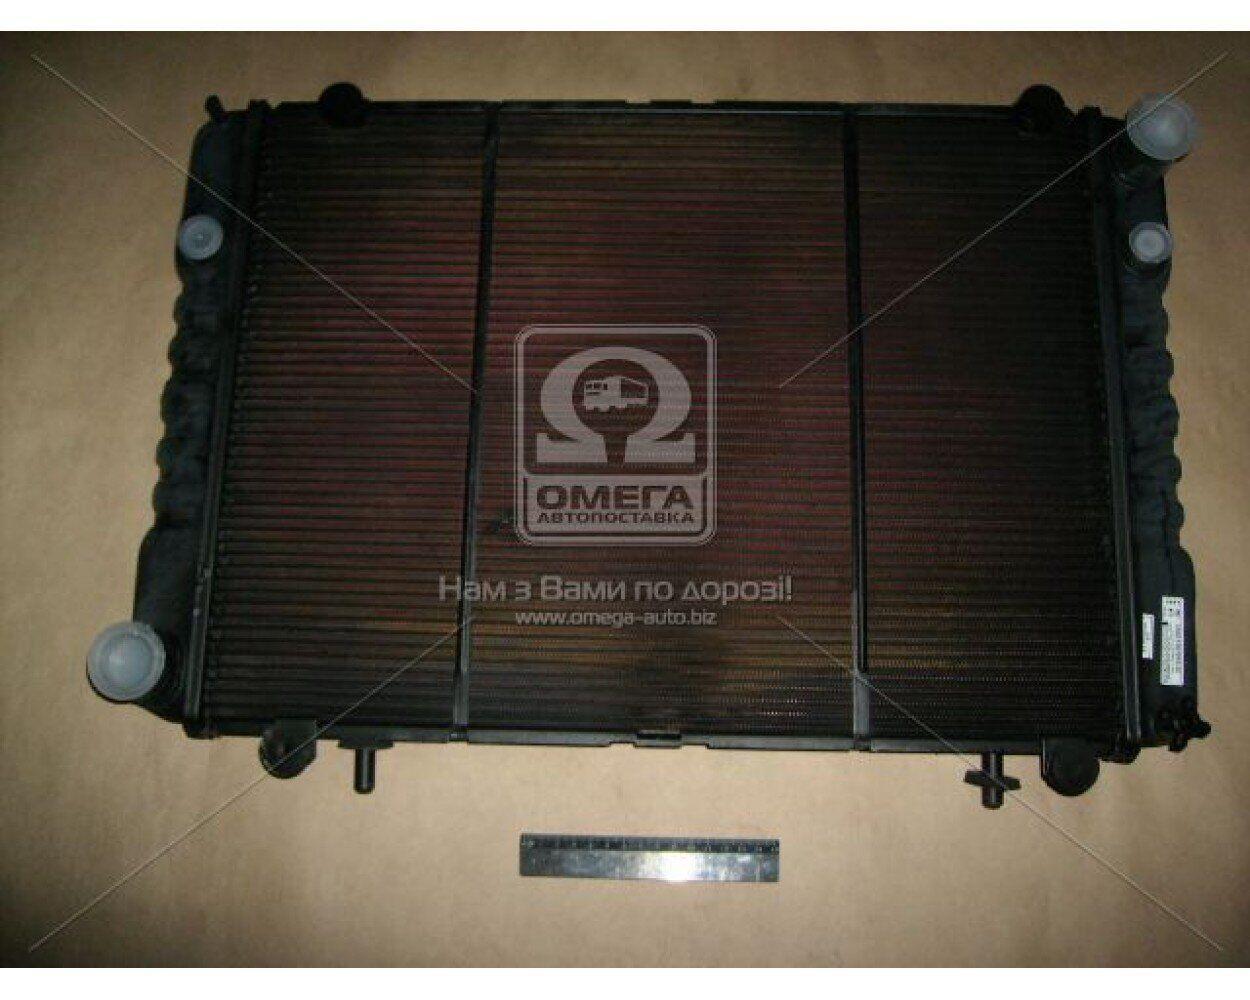 Радиатор охлаждения ГАЗ 3302 (3-х рядный) (под рамку)   пр-во Оренбург